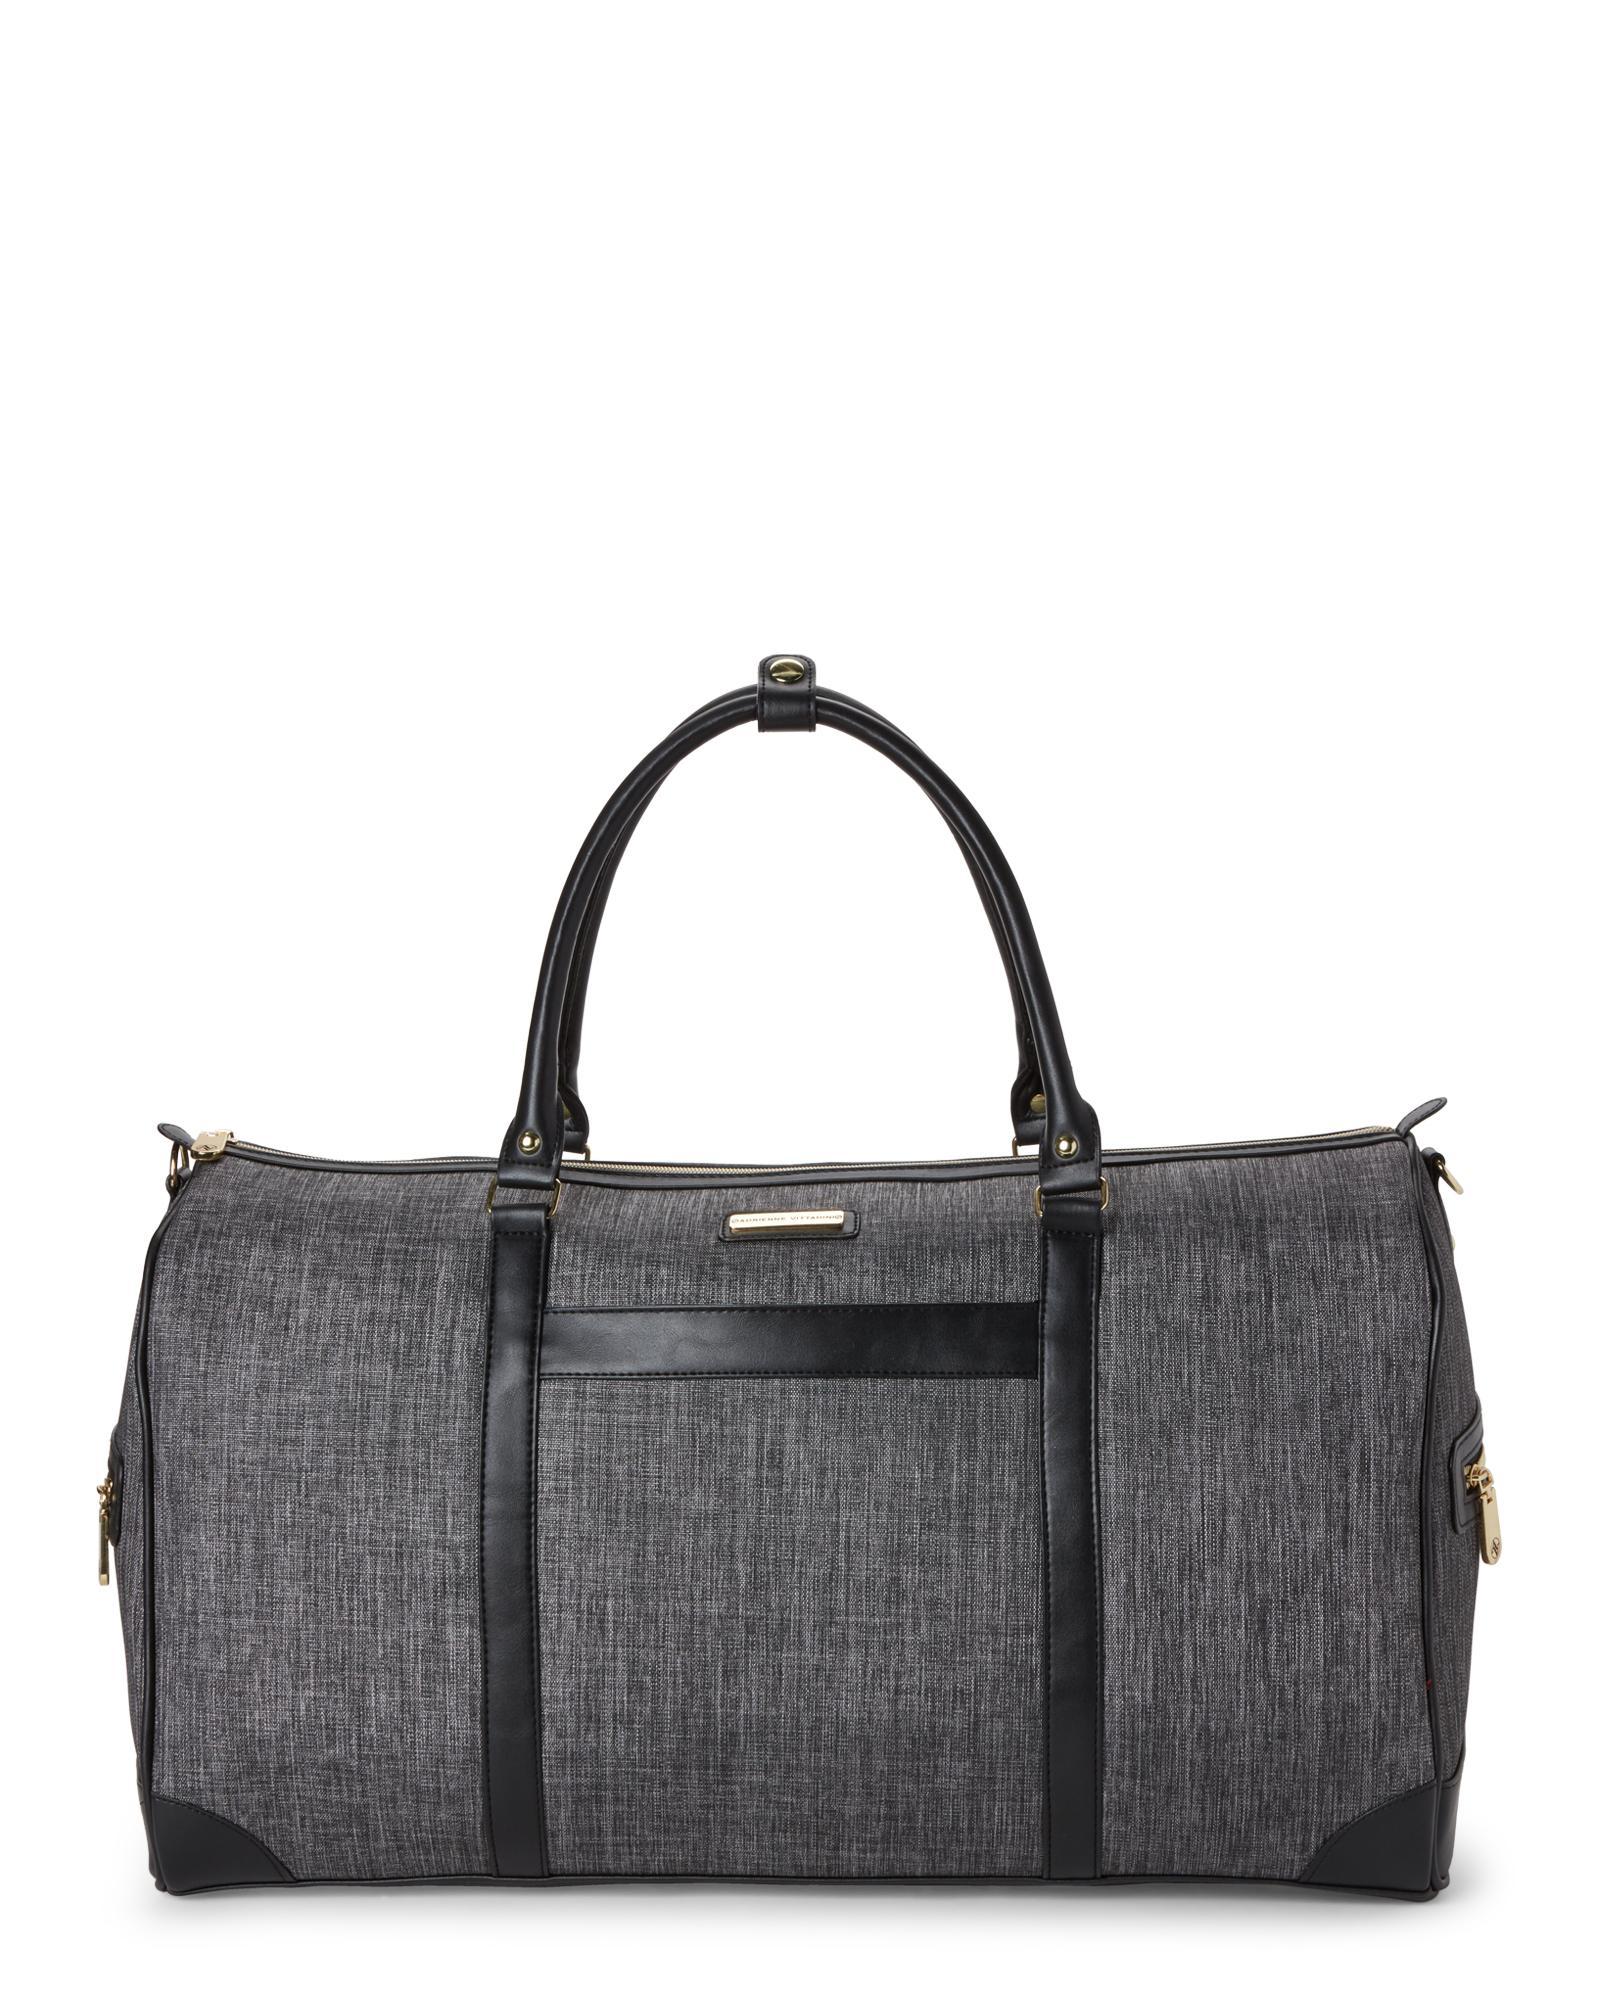 b5a3082b1a Lyst - Adrienne Vittadini Charcoal   Black Duffel in Gray